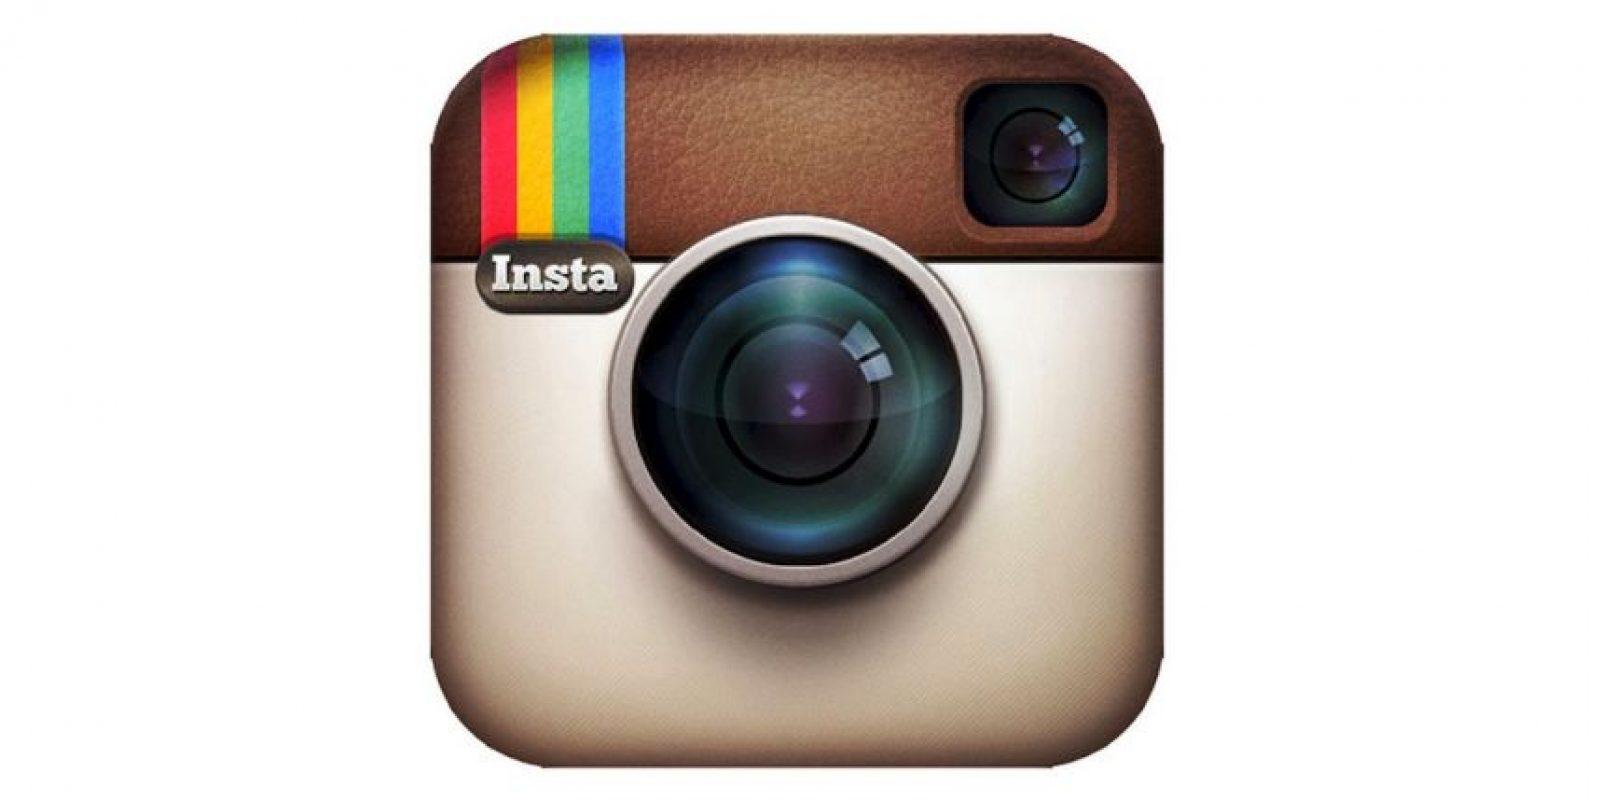 Estas son las novedades de Instagram 7.0 Foto:Instagram